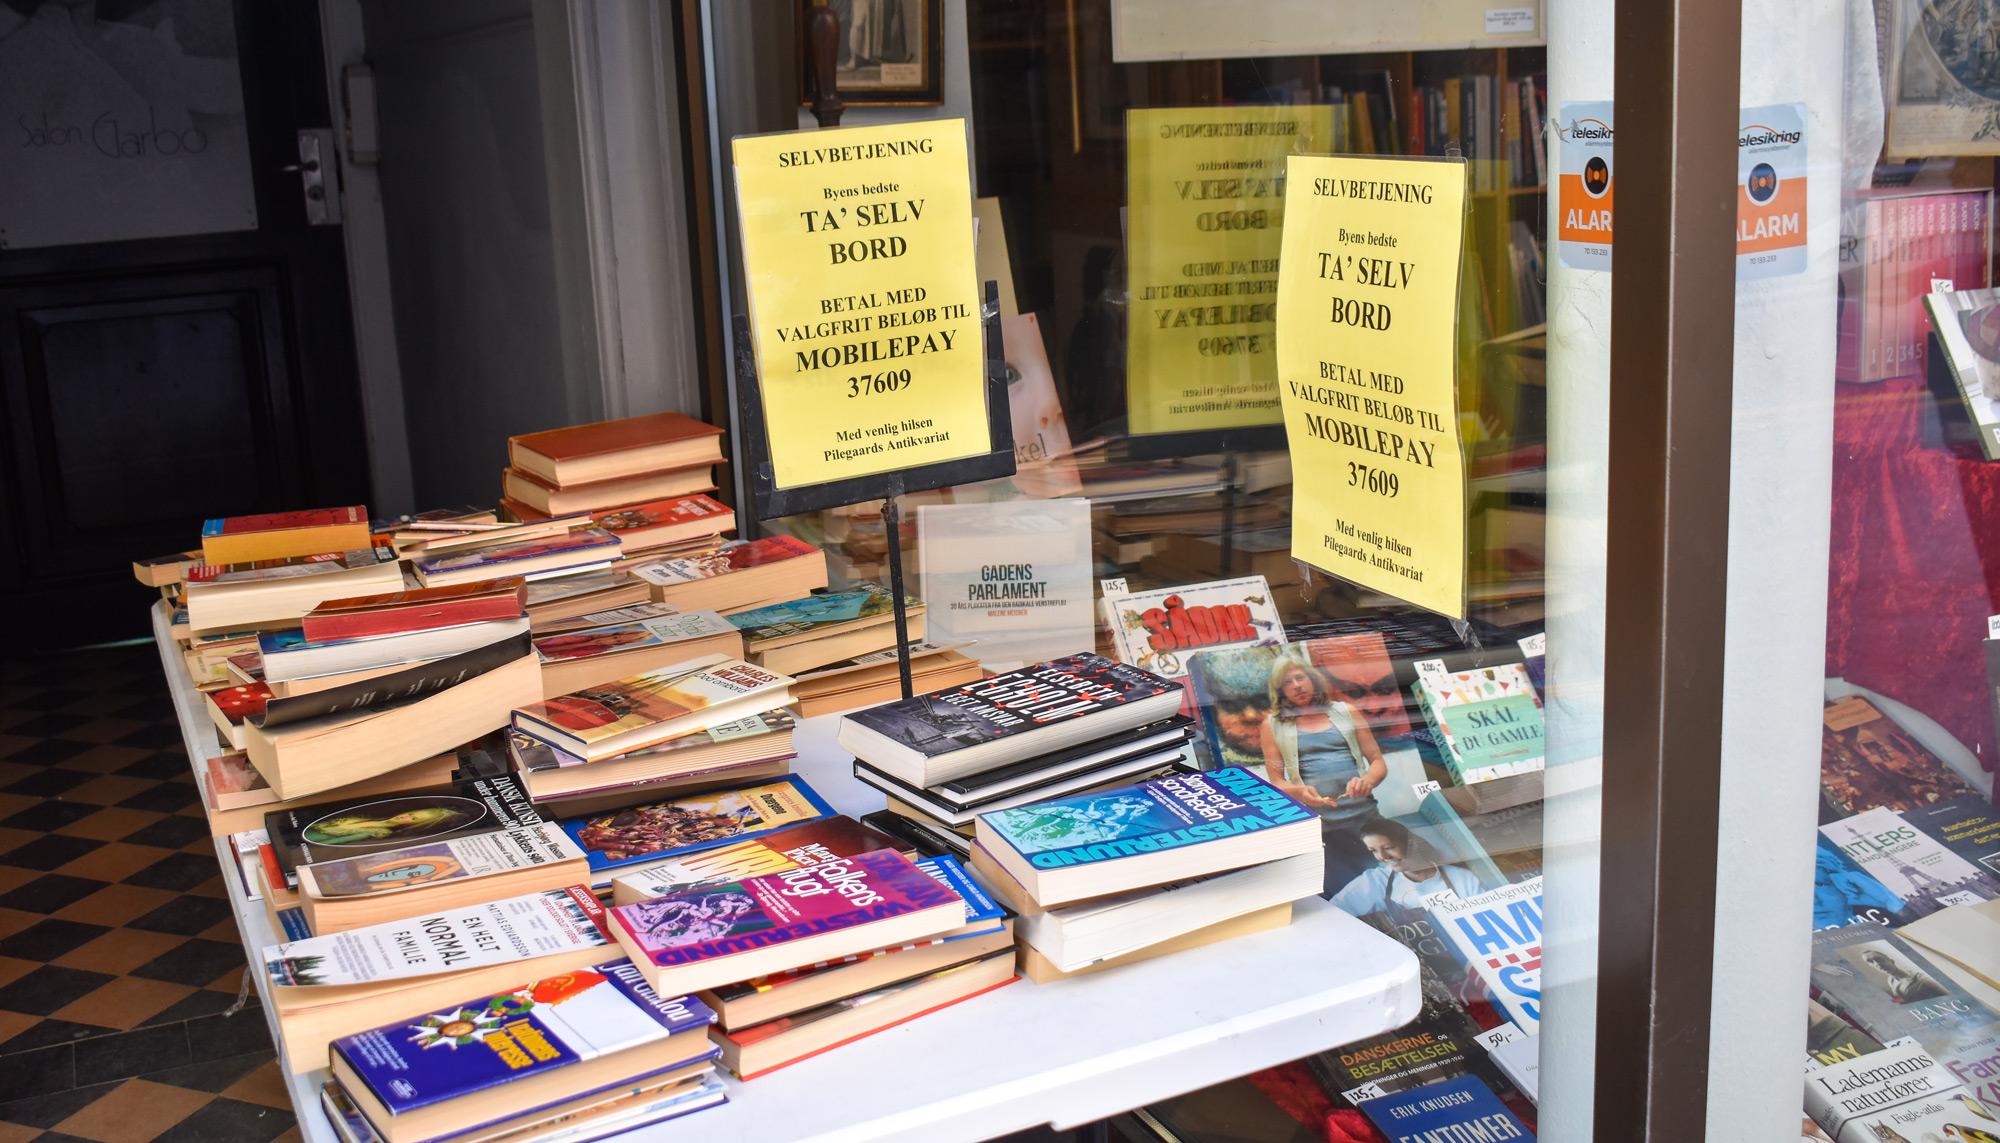 Du bestemmer prisen: Tag-selv-bøger i gågaden er et hit